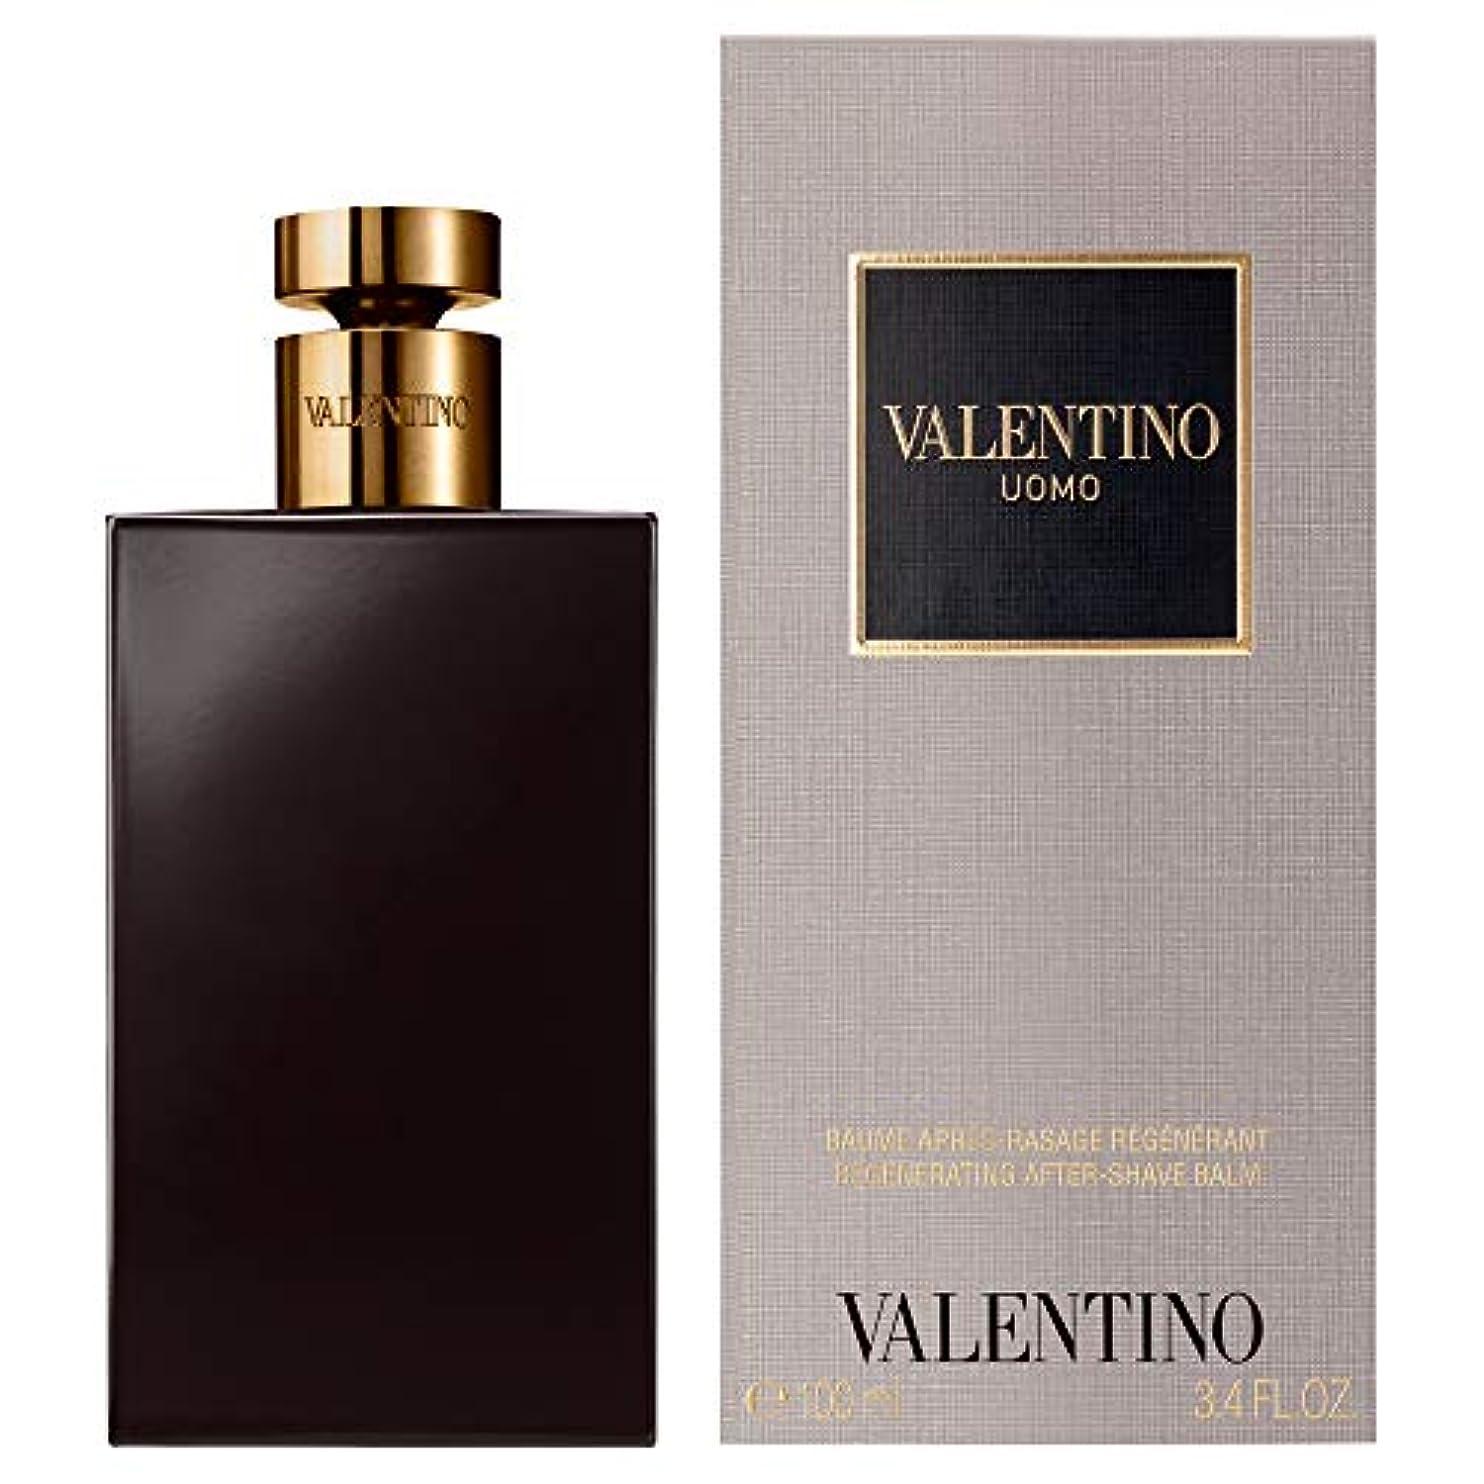 それからワードローブ結果として[Valentino] バレンティーノ?ウォモとしてバーム100ミリリットル - Valentino Uomo AS Balm 100ml [並行輸入品]